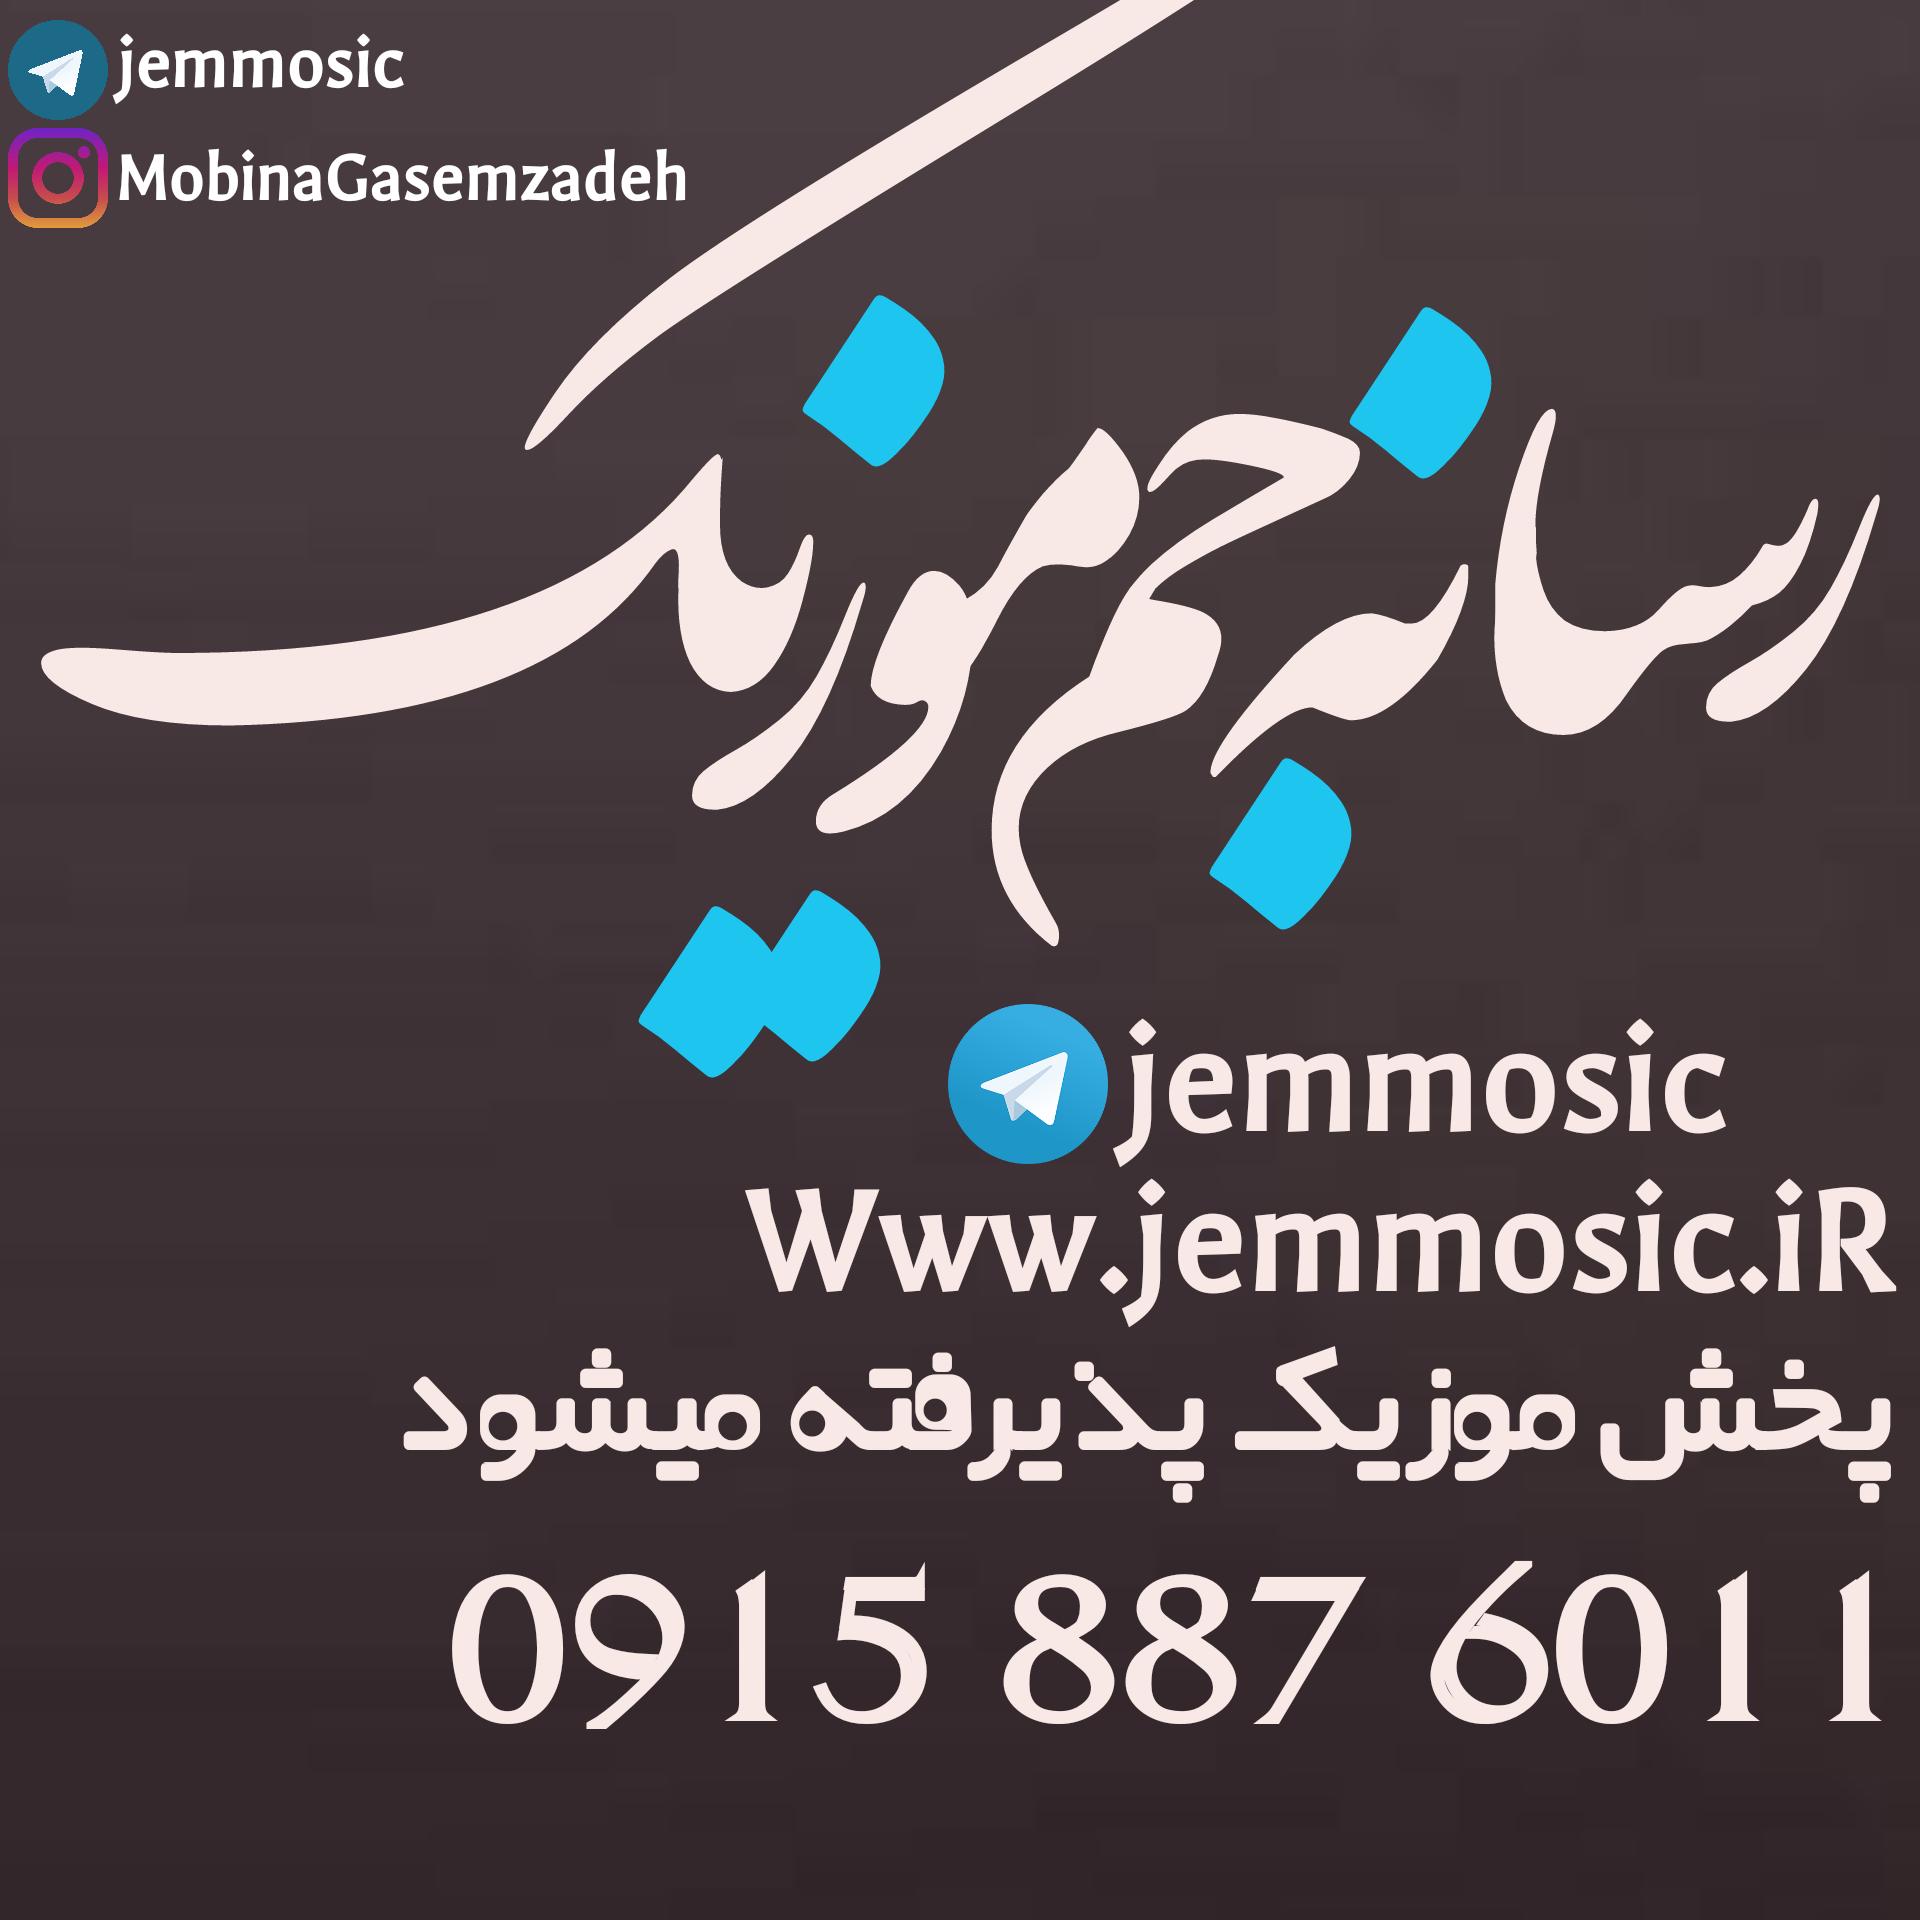 دانلود آهنگ جدید محمد برزگر به نام دل وه درد